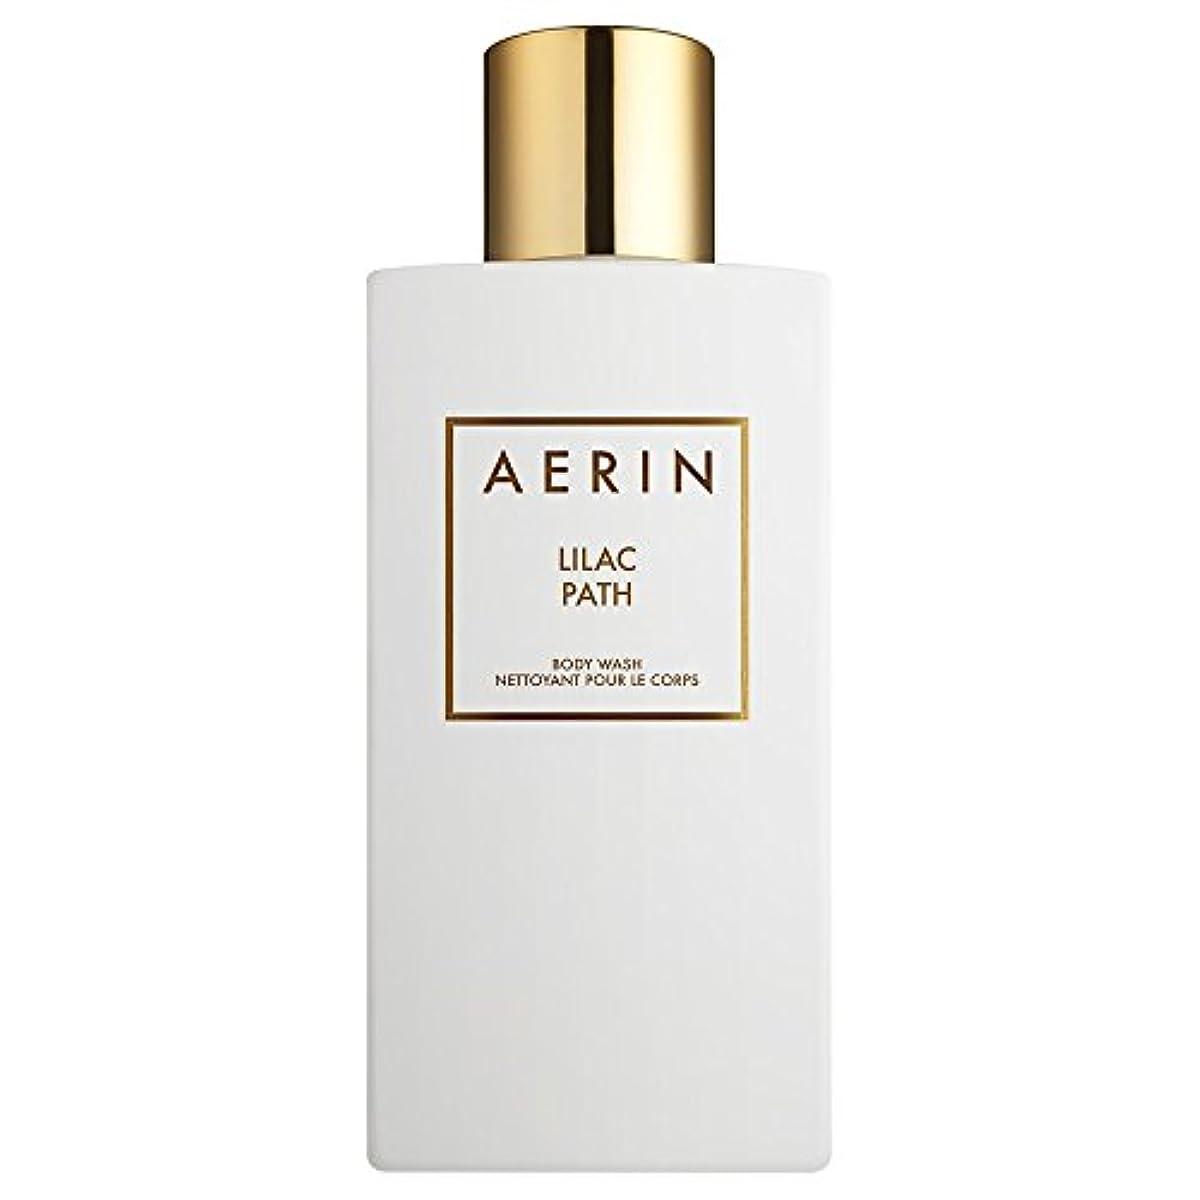 噂豊かにするシュートAerinライラックパスボディウォッシュ225ミリリットル (AERIN) (x2) - AERIN Lilac Path Bodywash 225ml (Pack of 2) [並行輸入品]